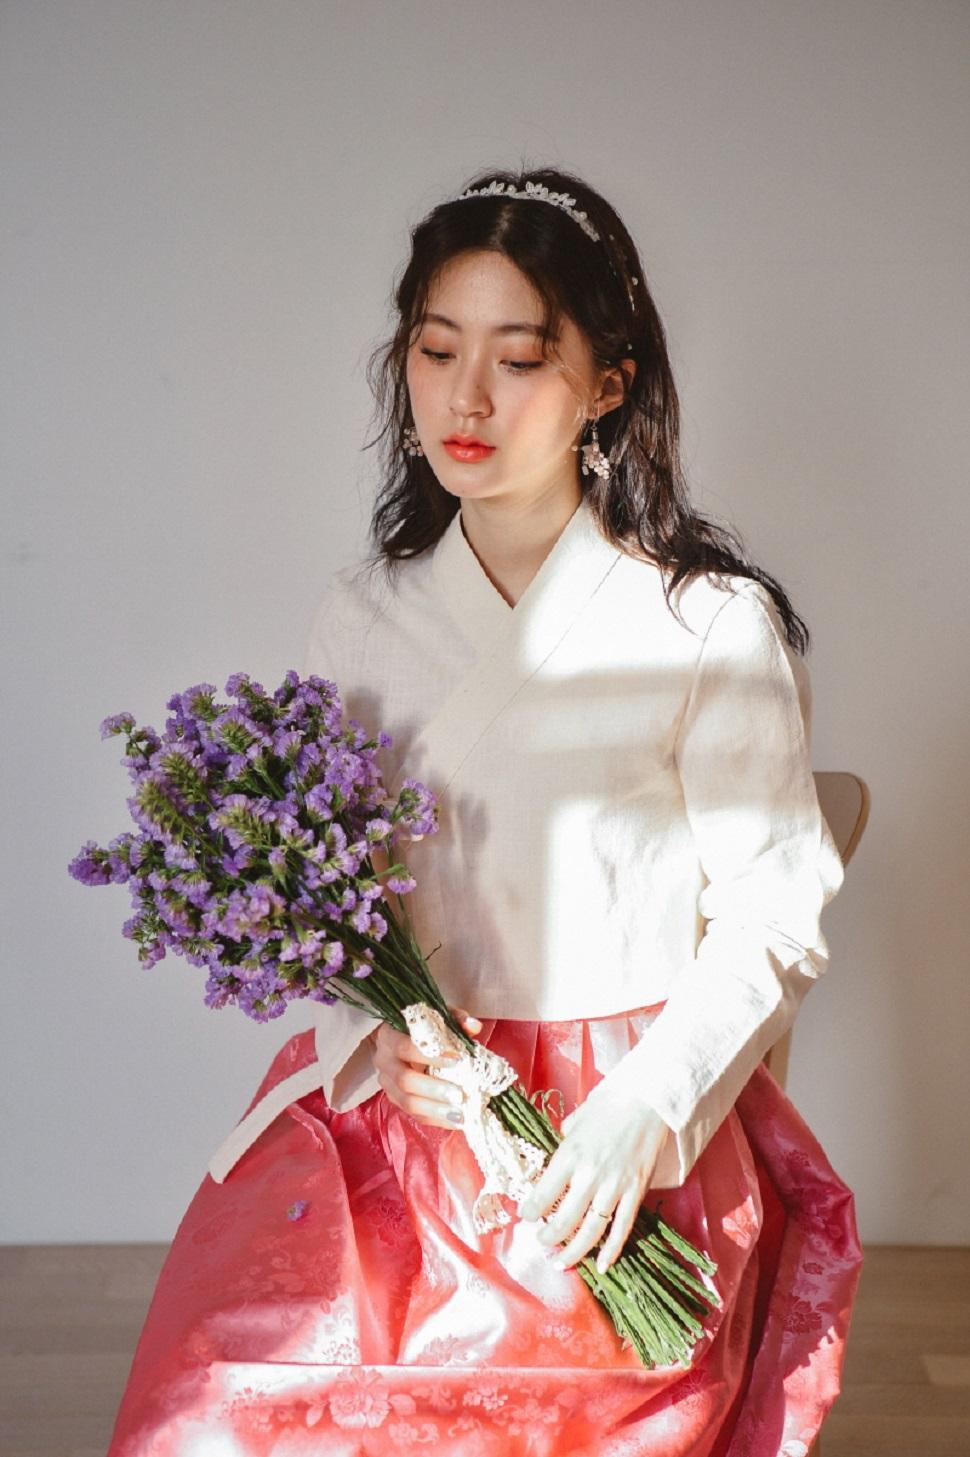 꽃분홍 양단 허리치마©한땀한땀 생활한복